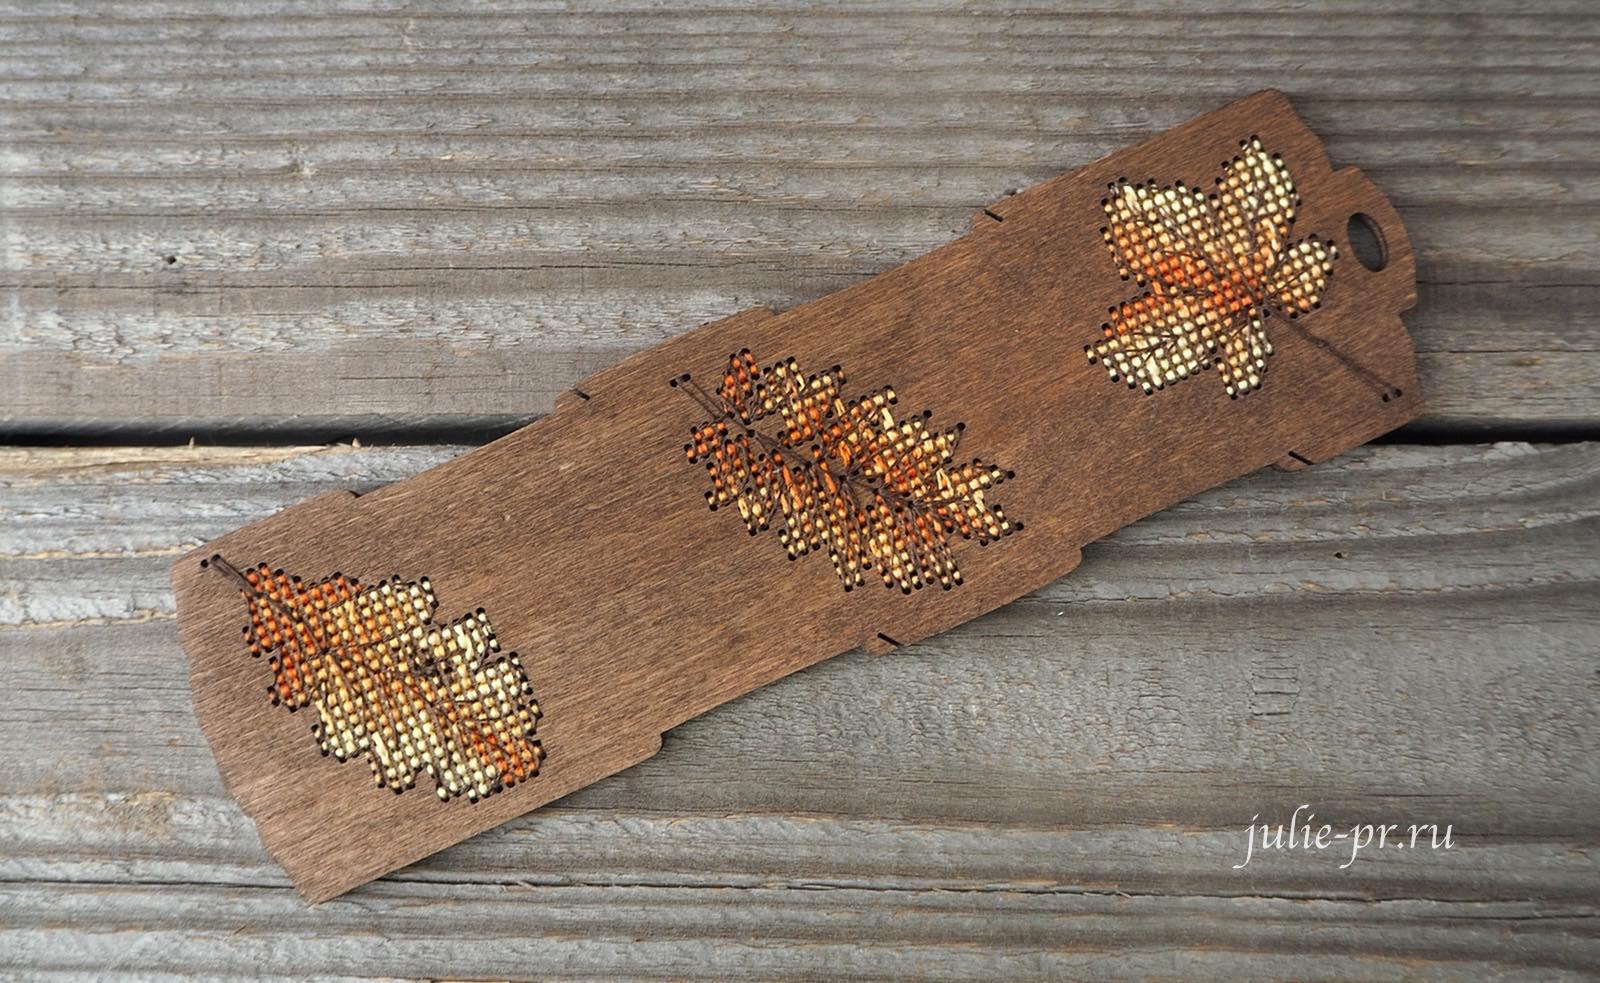 идеальная изнанка, деревянная бобинка Евгении Колесниковой, вышивка крестом по дереву, осенние листья, осень